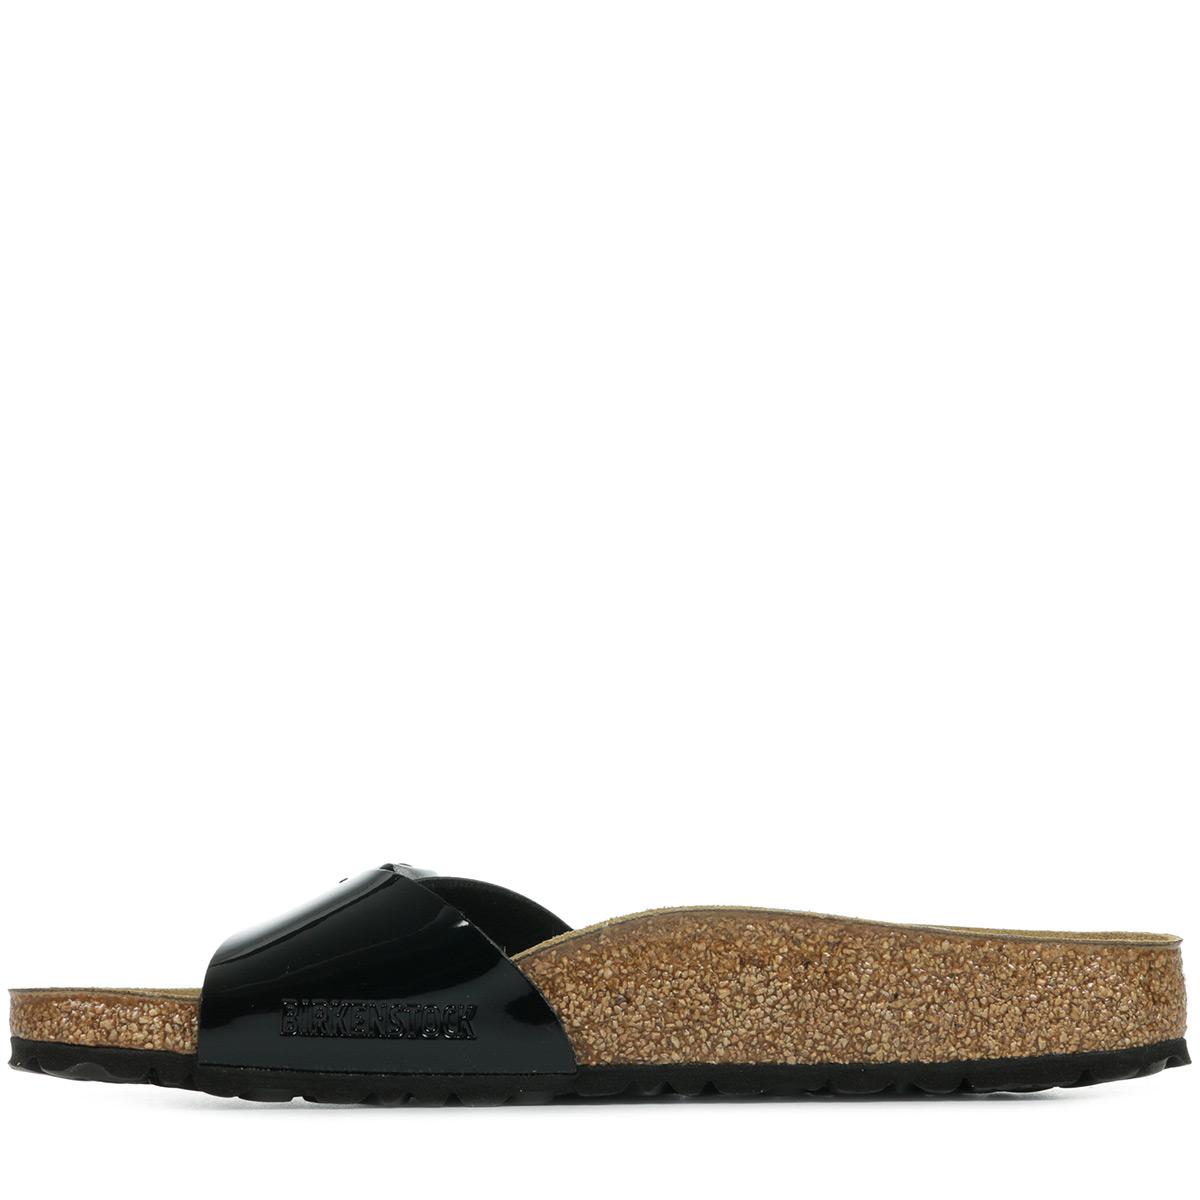 birkenstock madrid 040303 sandales femme. Black Bedroom Furniture Sets. Home Design Ideas